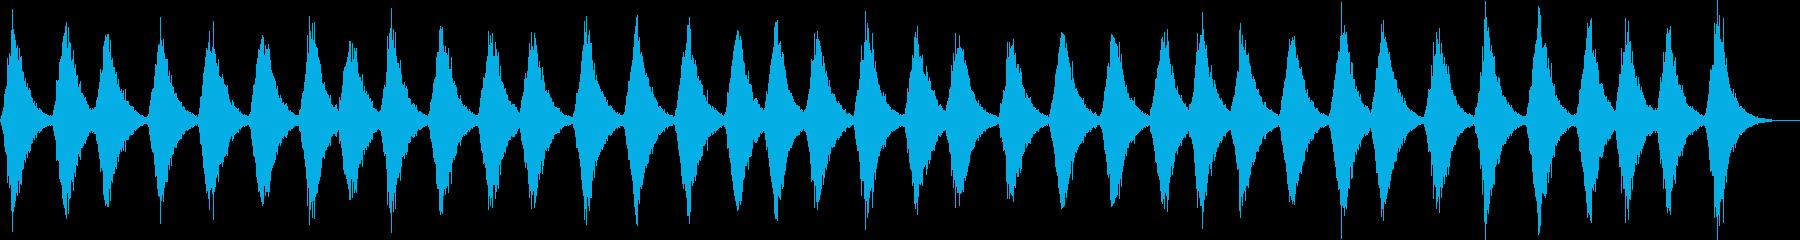 暗い雰囲気の環境音の再生済みの波形